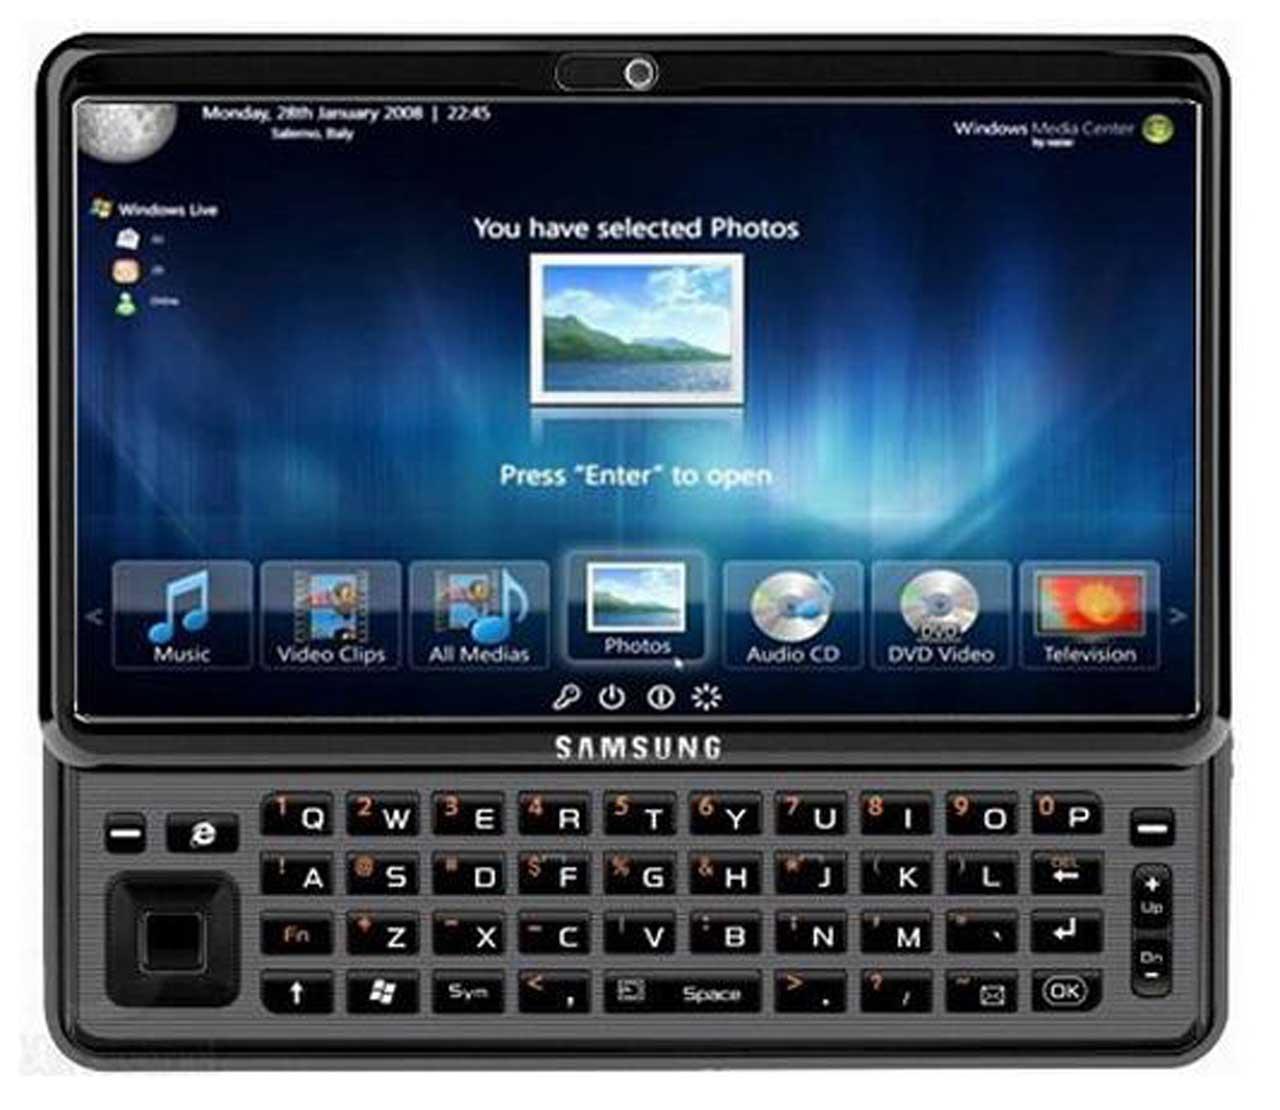 SAMSUNG GLORIA WINDOWS 7 TABLET PC SPESIFIKASI ...